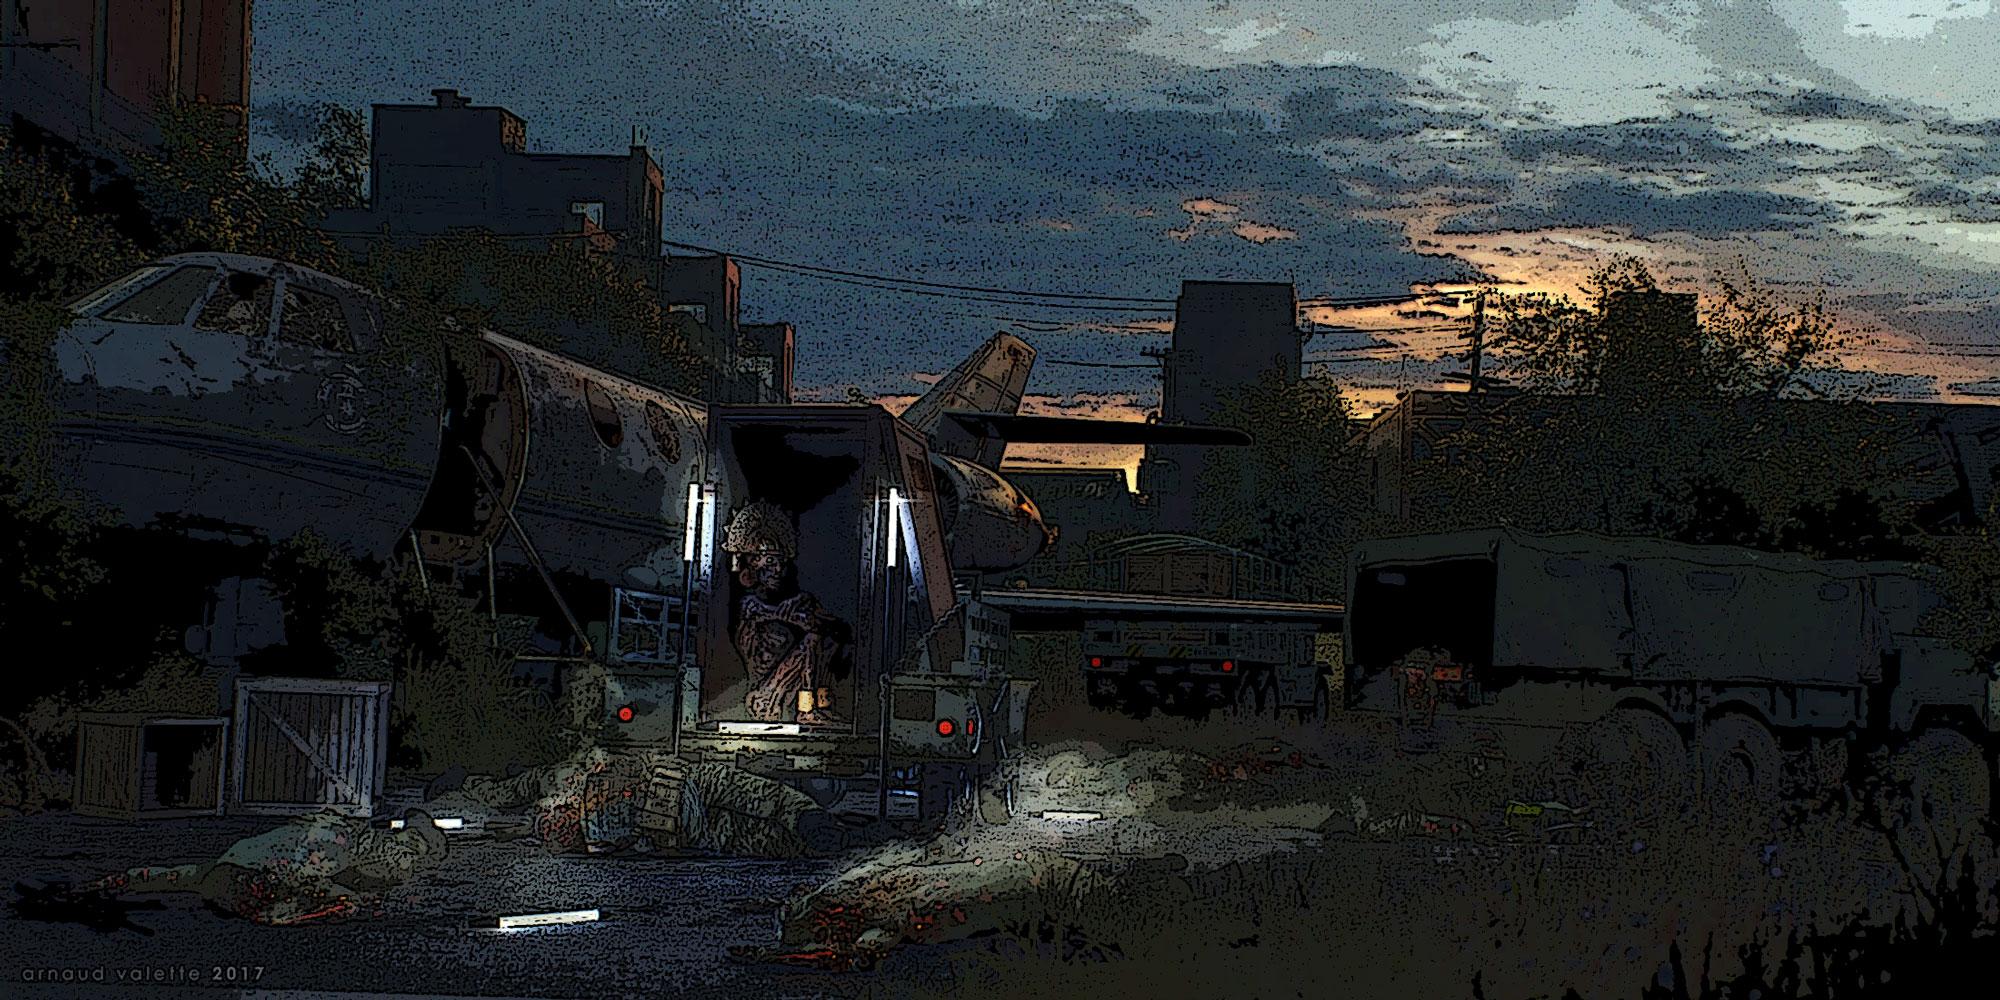 170717_AbandonnedAircraft_AV_03_web